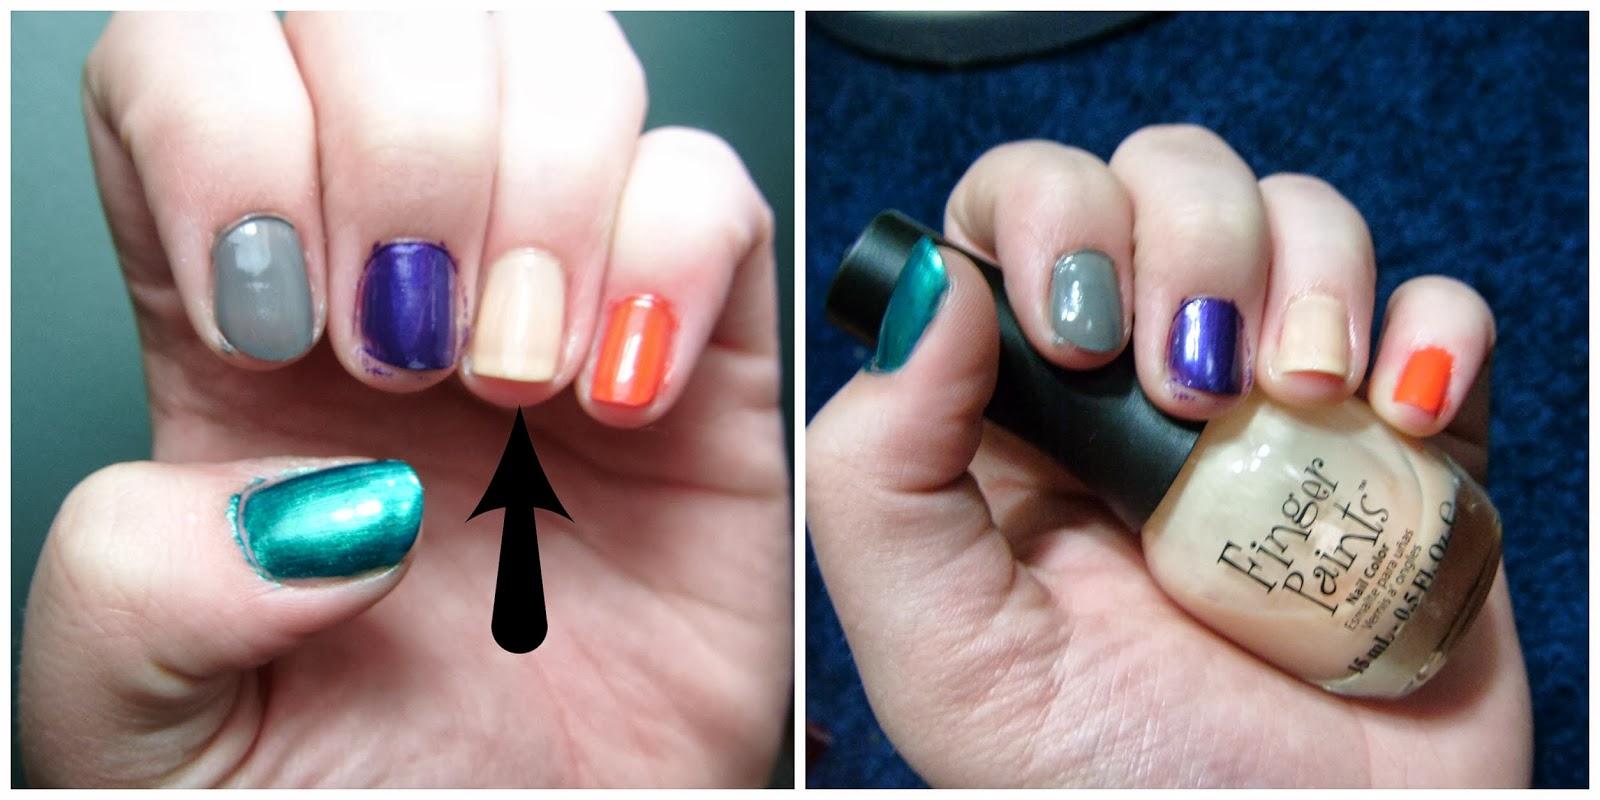 Kennyista: Top 10 Fall Nail Polish Colors